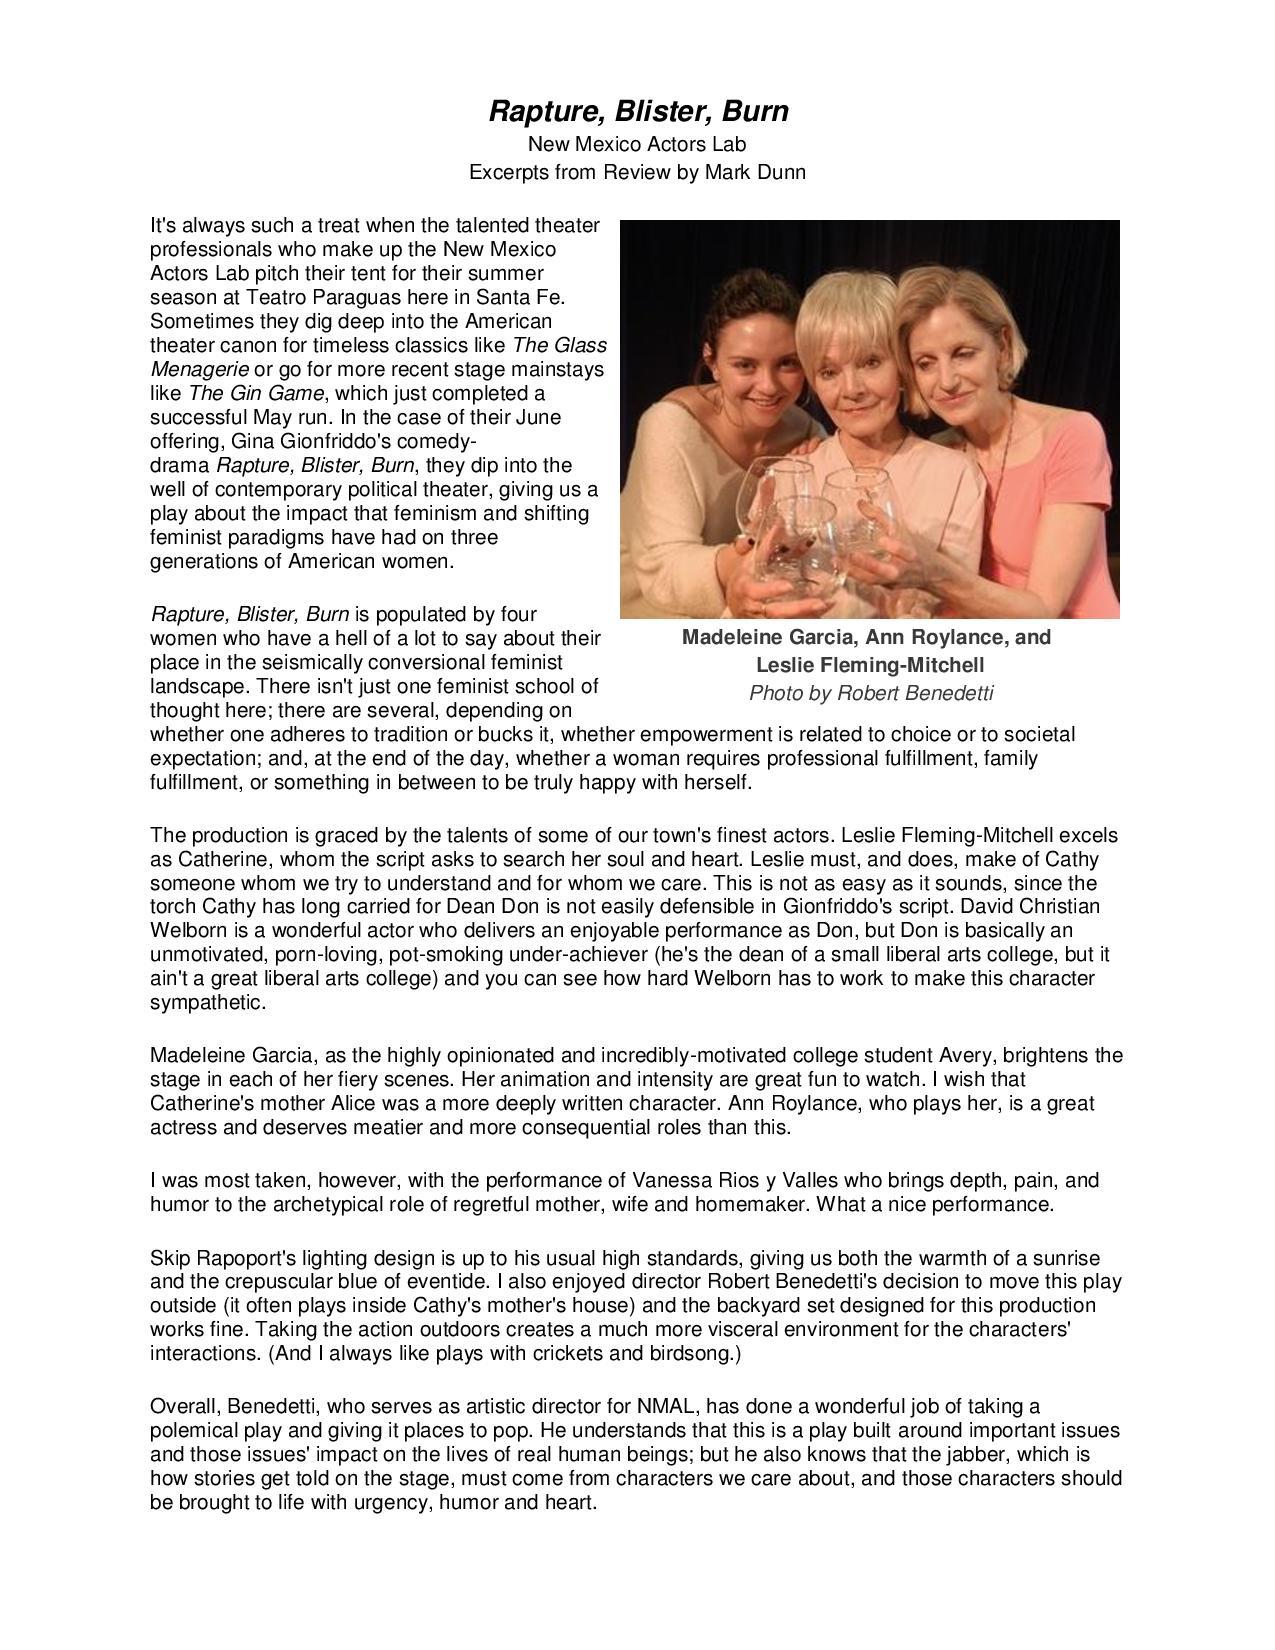 Regional Reviews - Excerpts-page-001.jpg